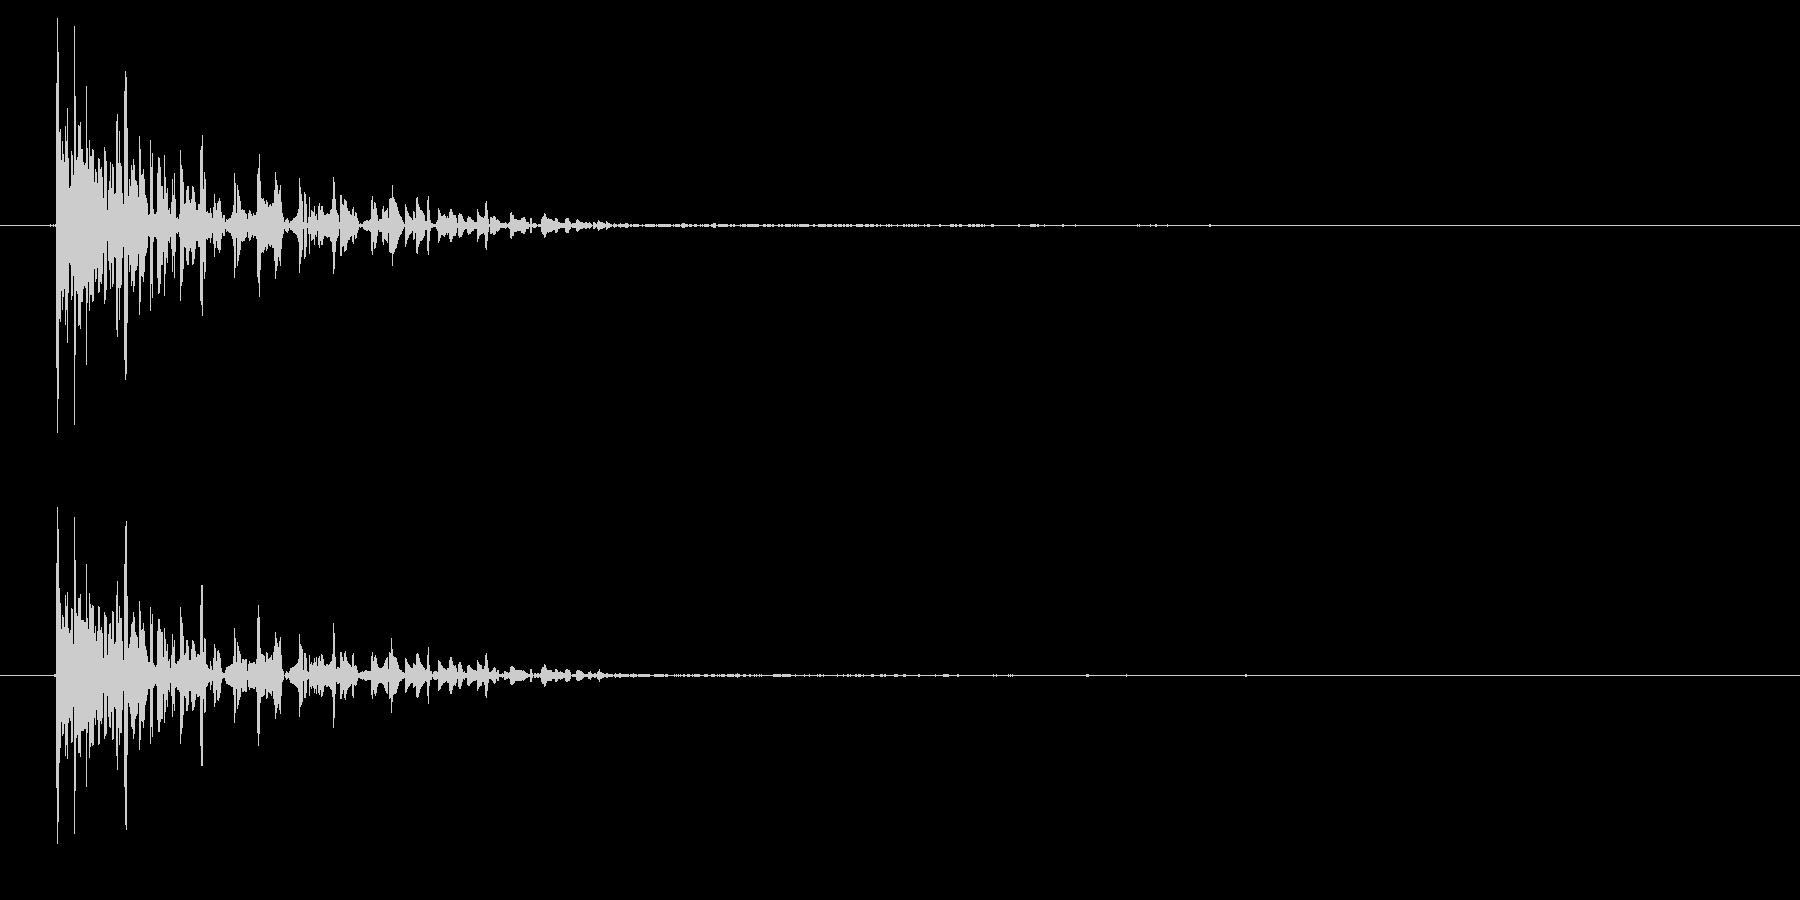 「ドゴーン」というかすれた効果音。レト…の未再生の波形